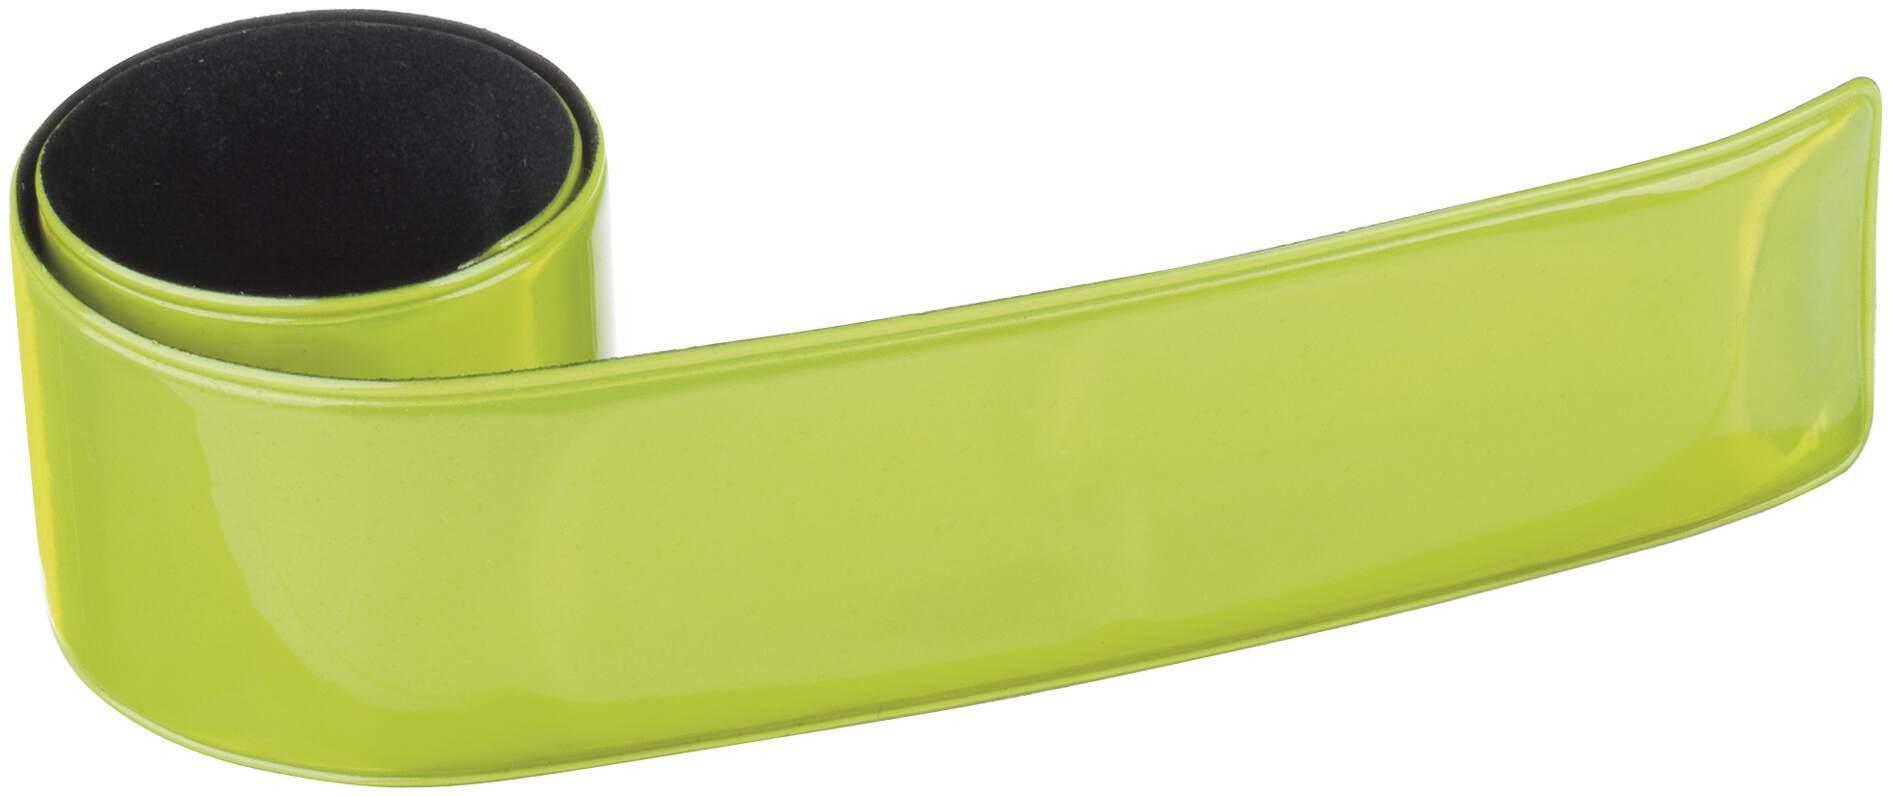 Reflexní pásek na paži s potiskem